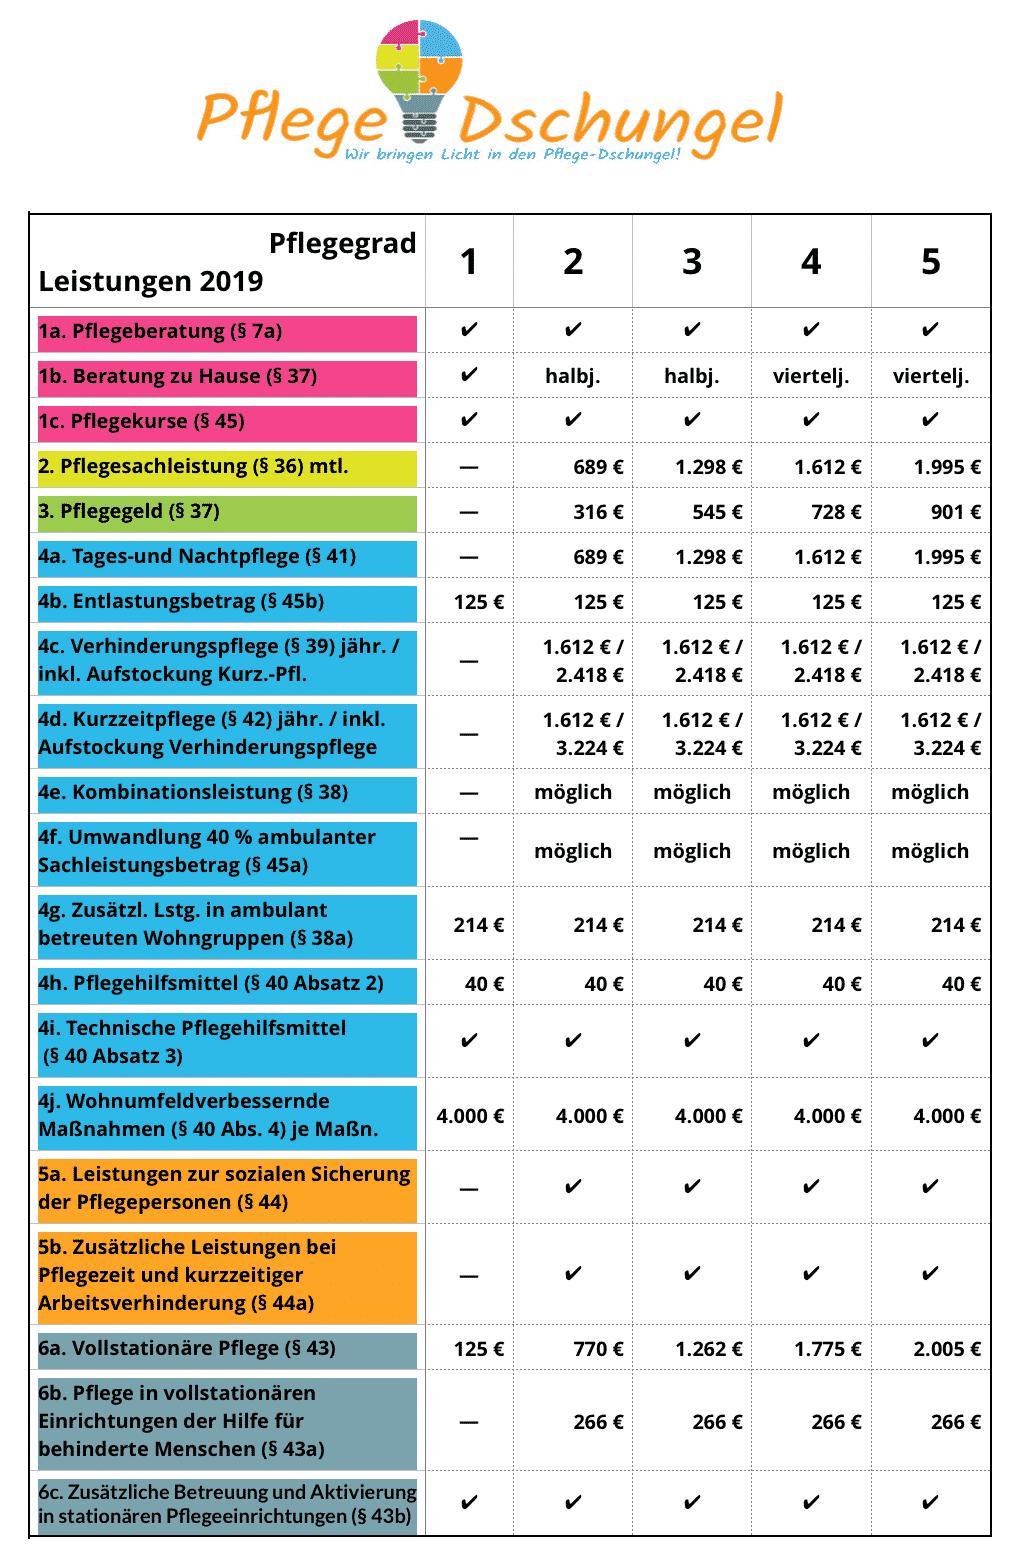 Infografik zu den Leistungen der Pflegeversicherung nach Pflegegrad